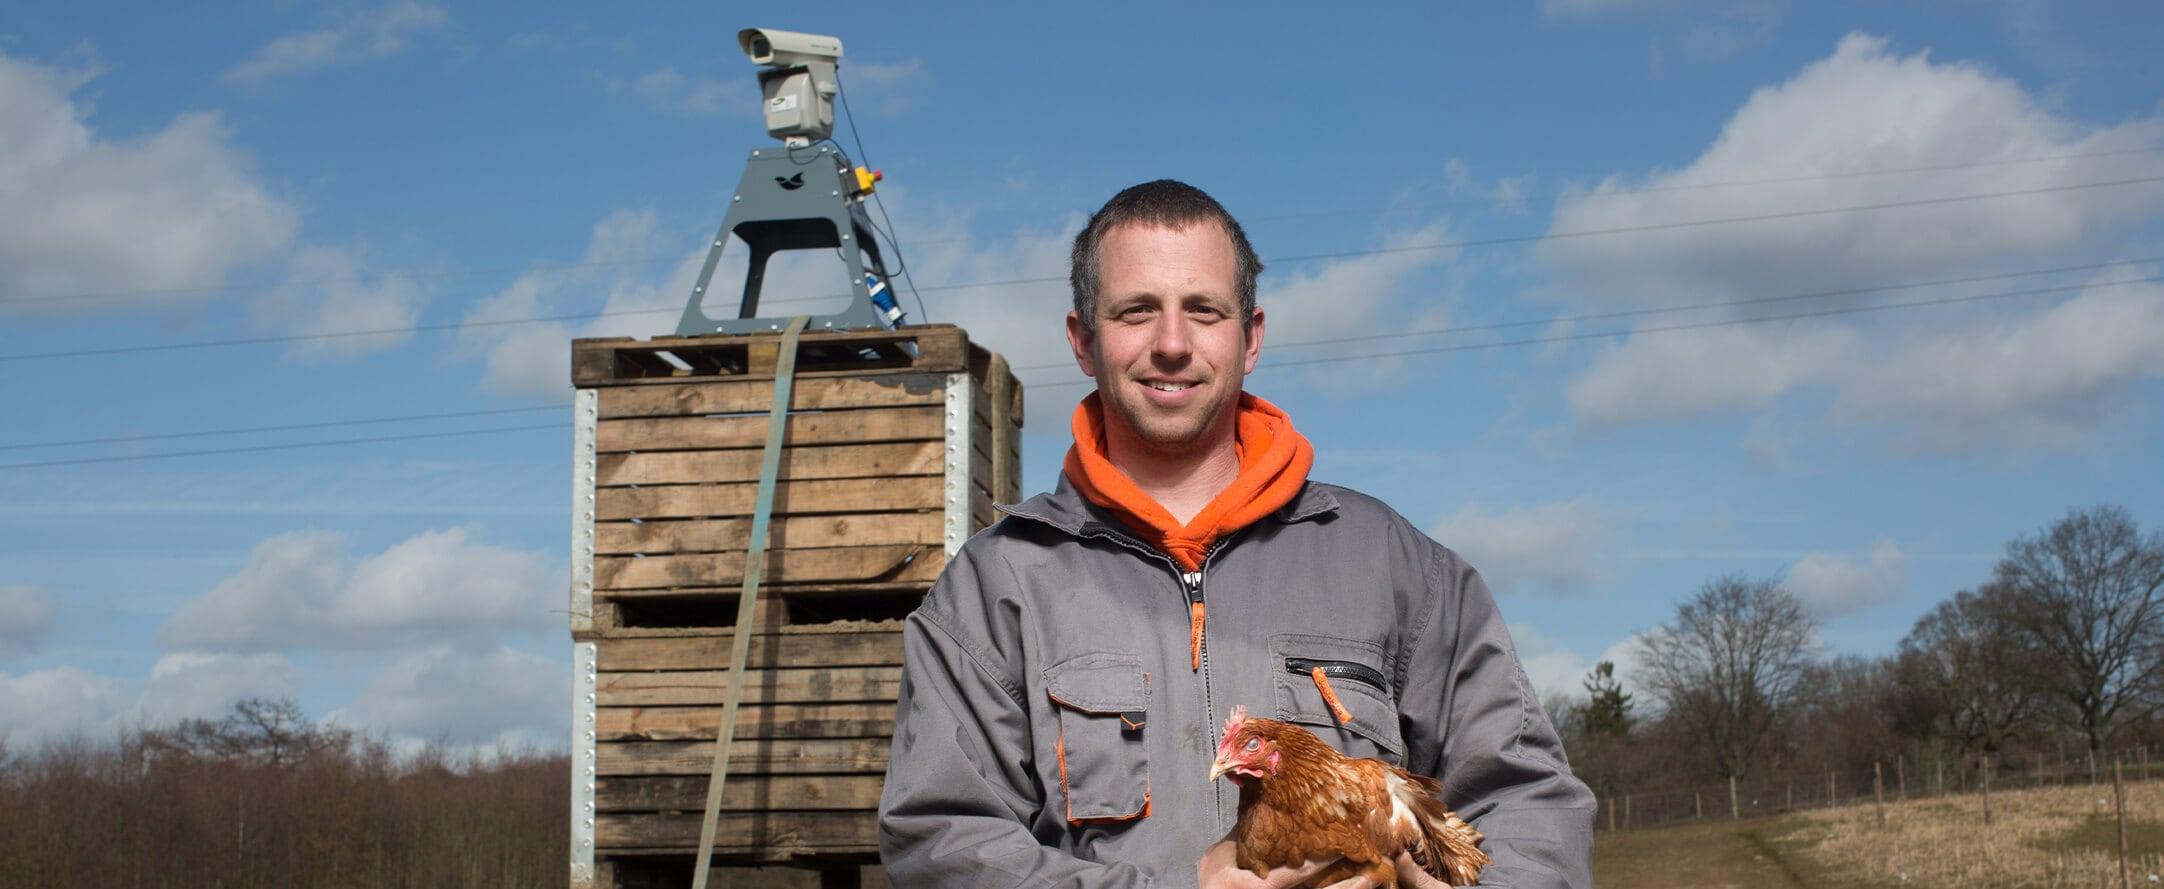 Laser bird deterrent as biosecurity measure